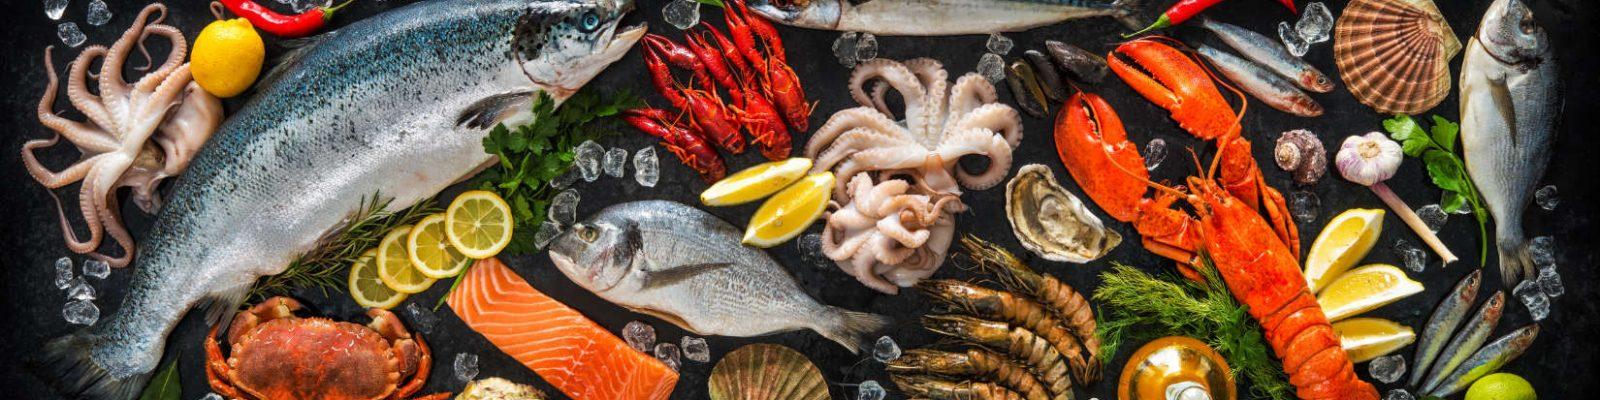 Alimentos con calidad de mercado